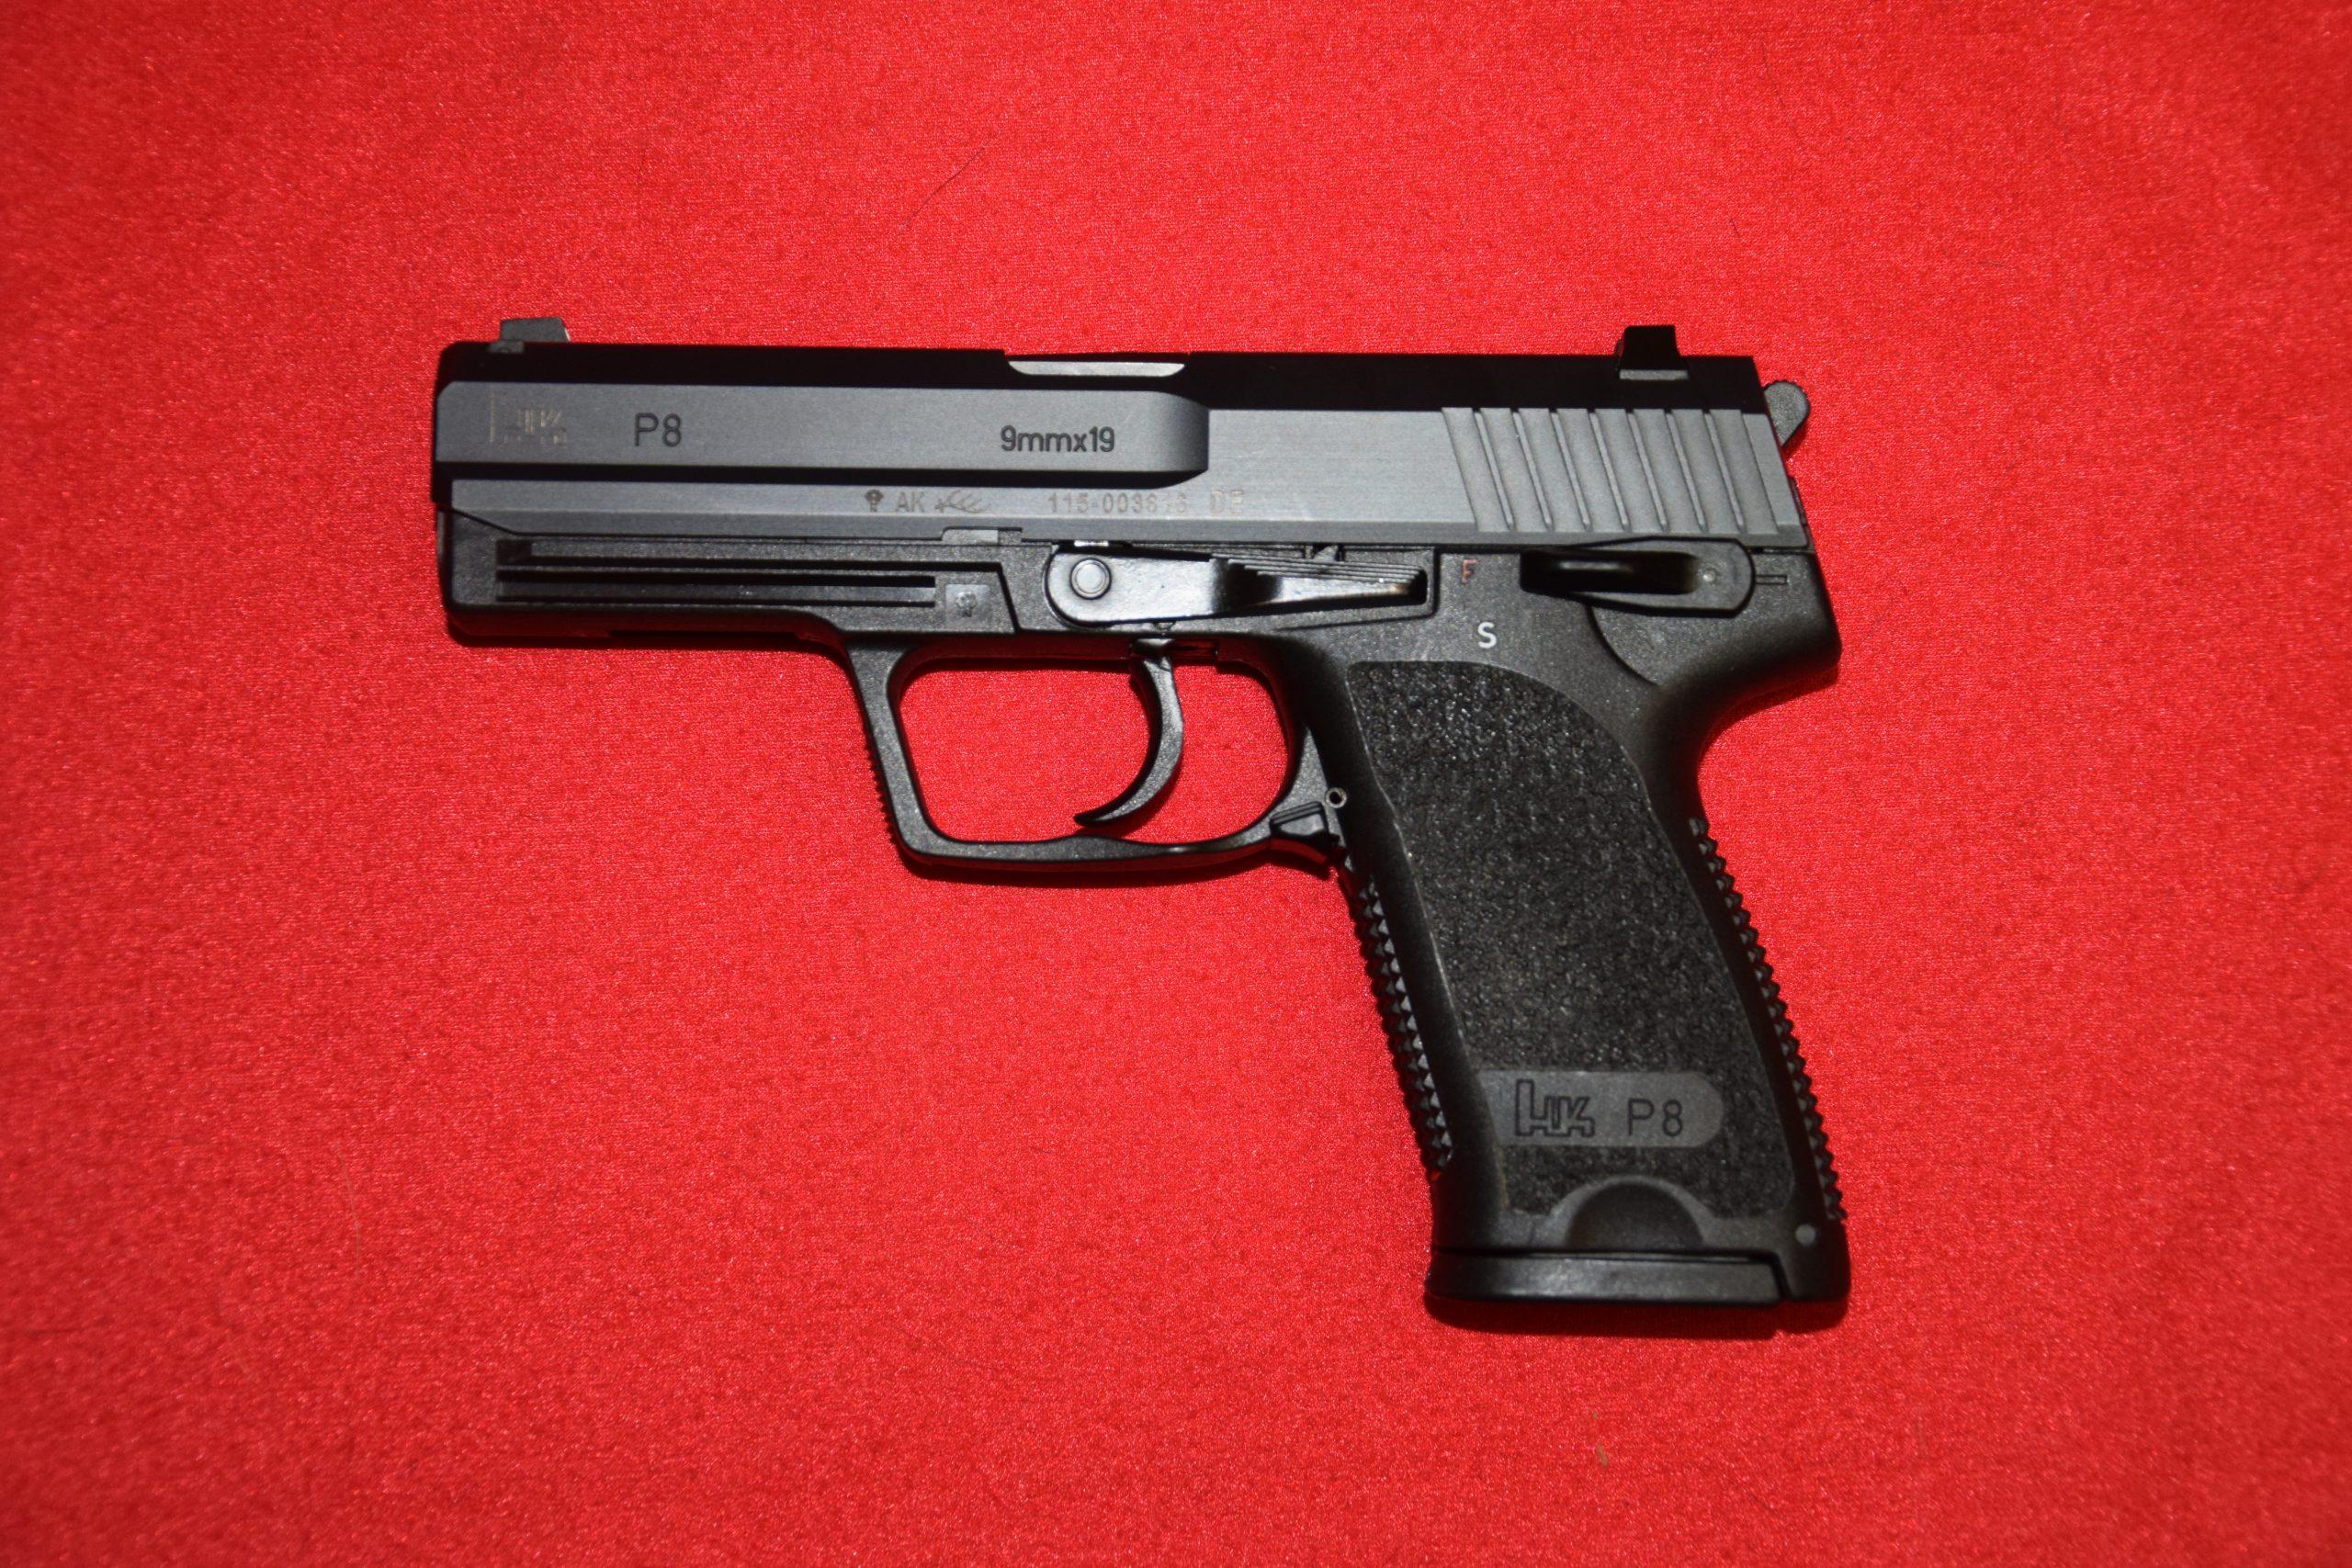 H&K P8 / 9mm Para